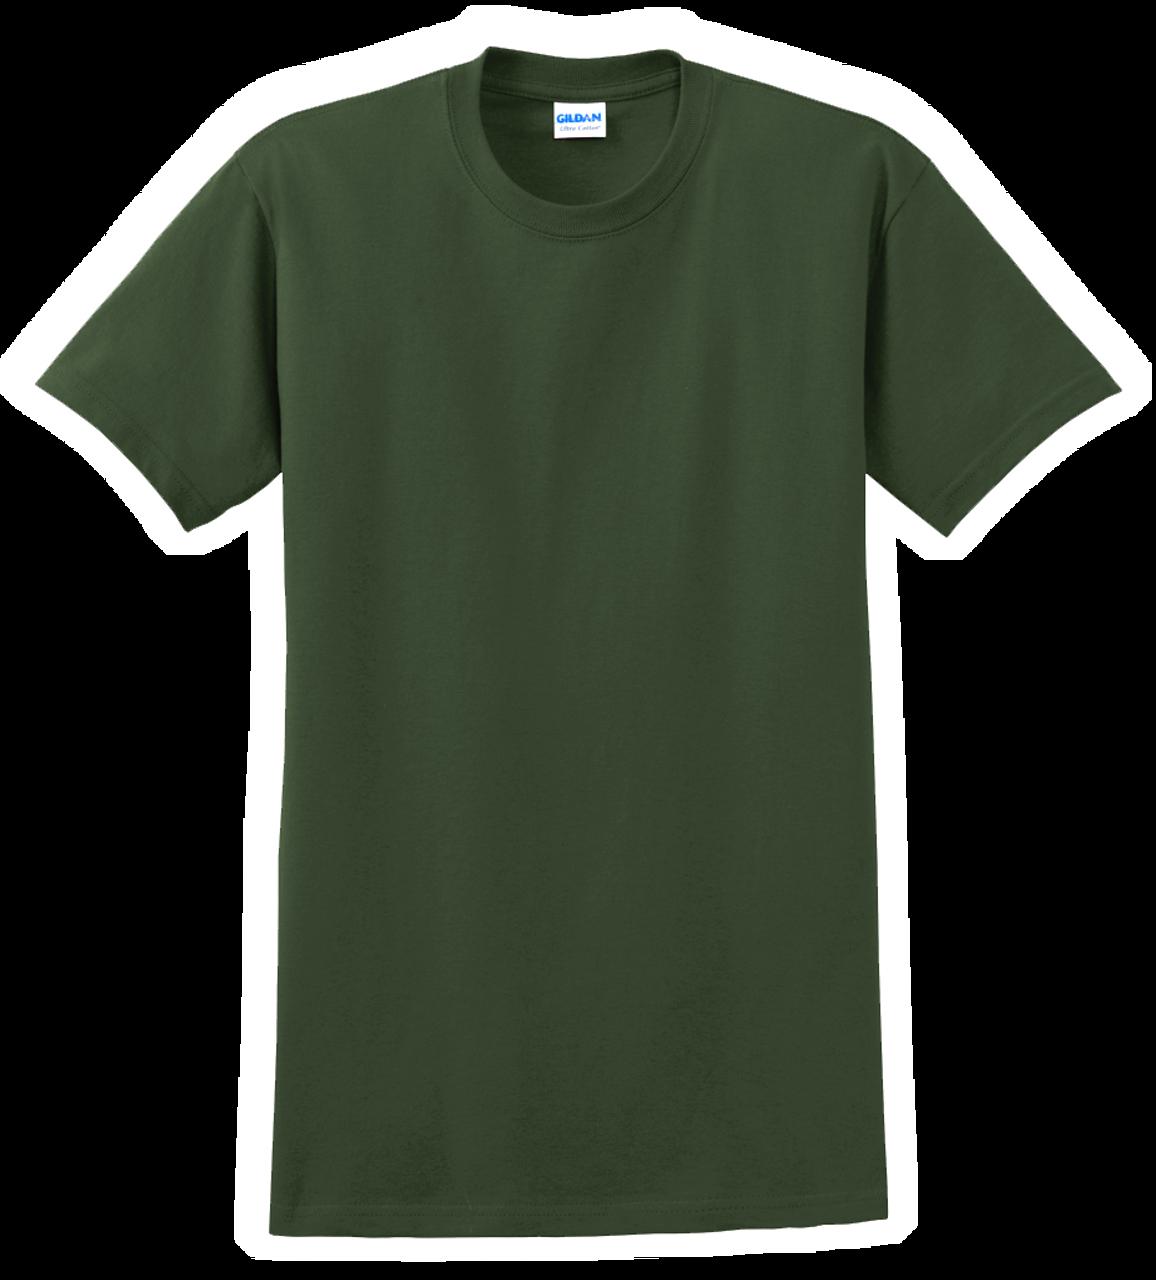 G2000 Forest Green T-Shirt Short Sleeve by Gildan